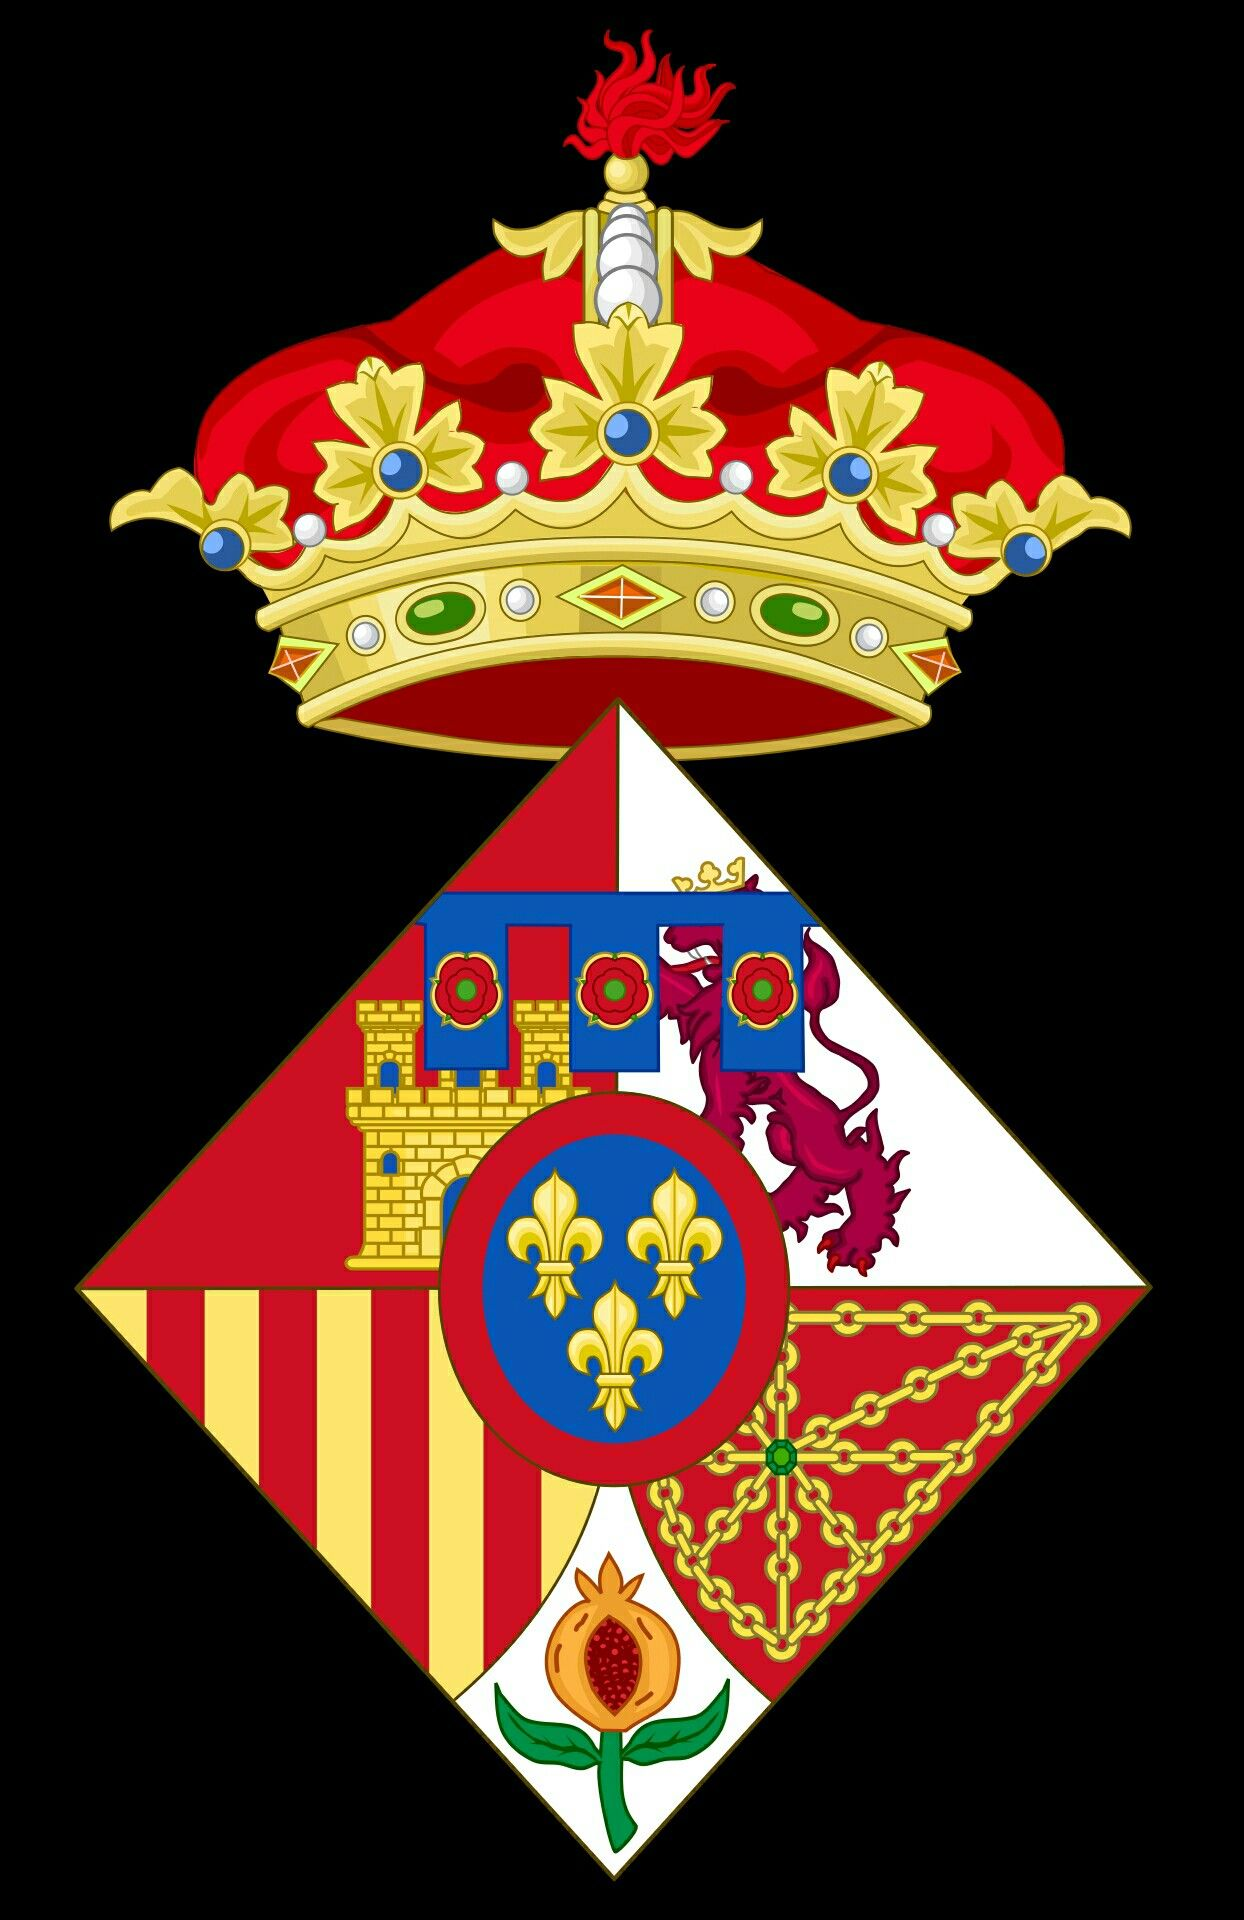 La Infanta Sofia Escudo De Armas Escudo Historia De Espana